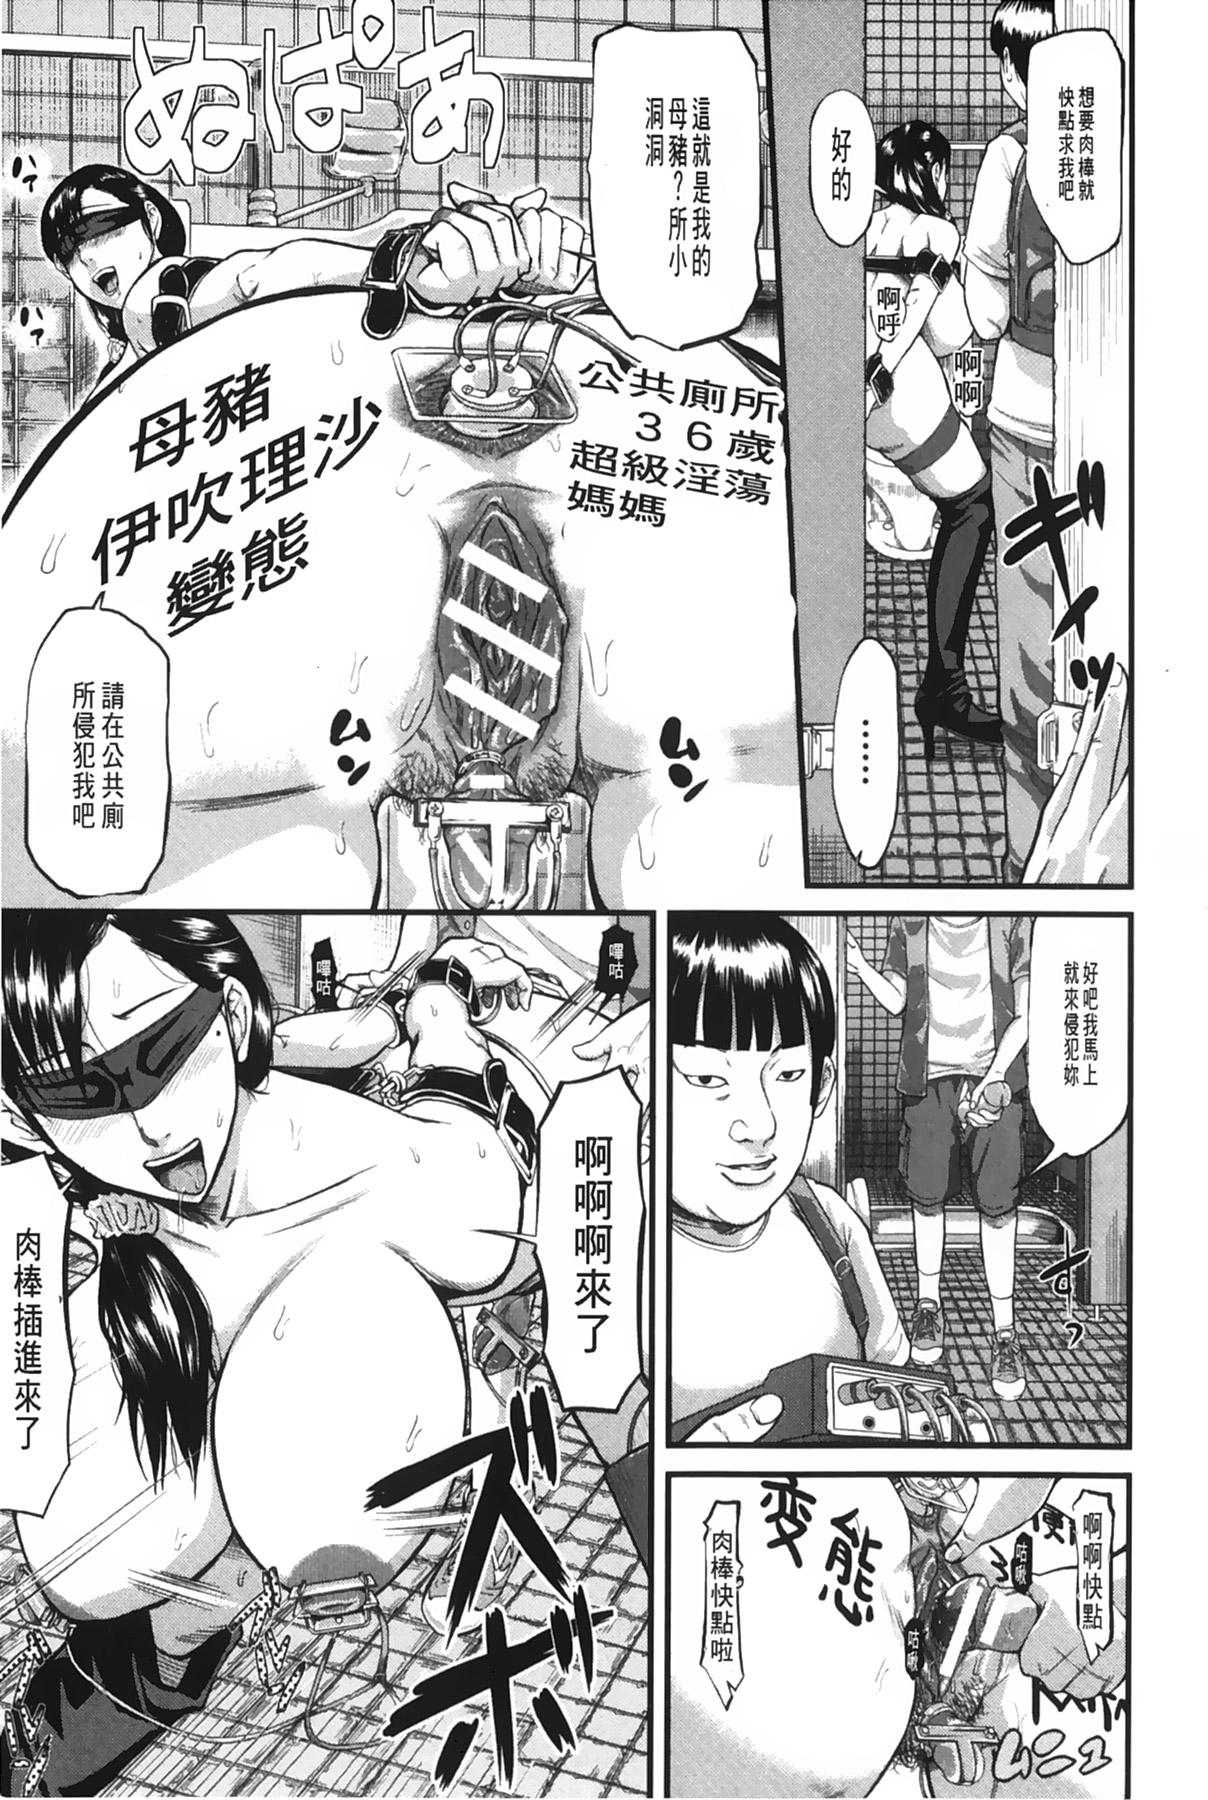 [Honebuto Danshaku] Onna Jigoku Niku no Tsubo~Hentai Rui Inran Ka Mesu Buta Ichidaiki~ | 女地獄、肉之壺 ~変態類淫乱科淫母豬一代記~ [Chinese] 11